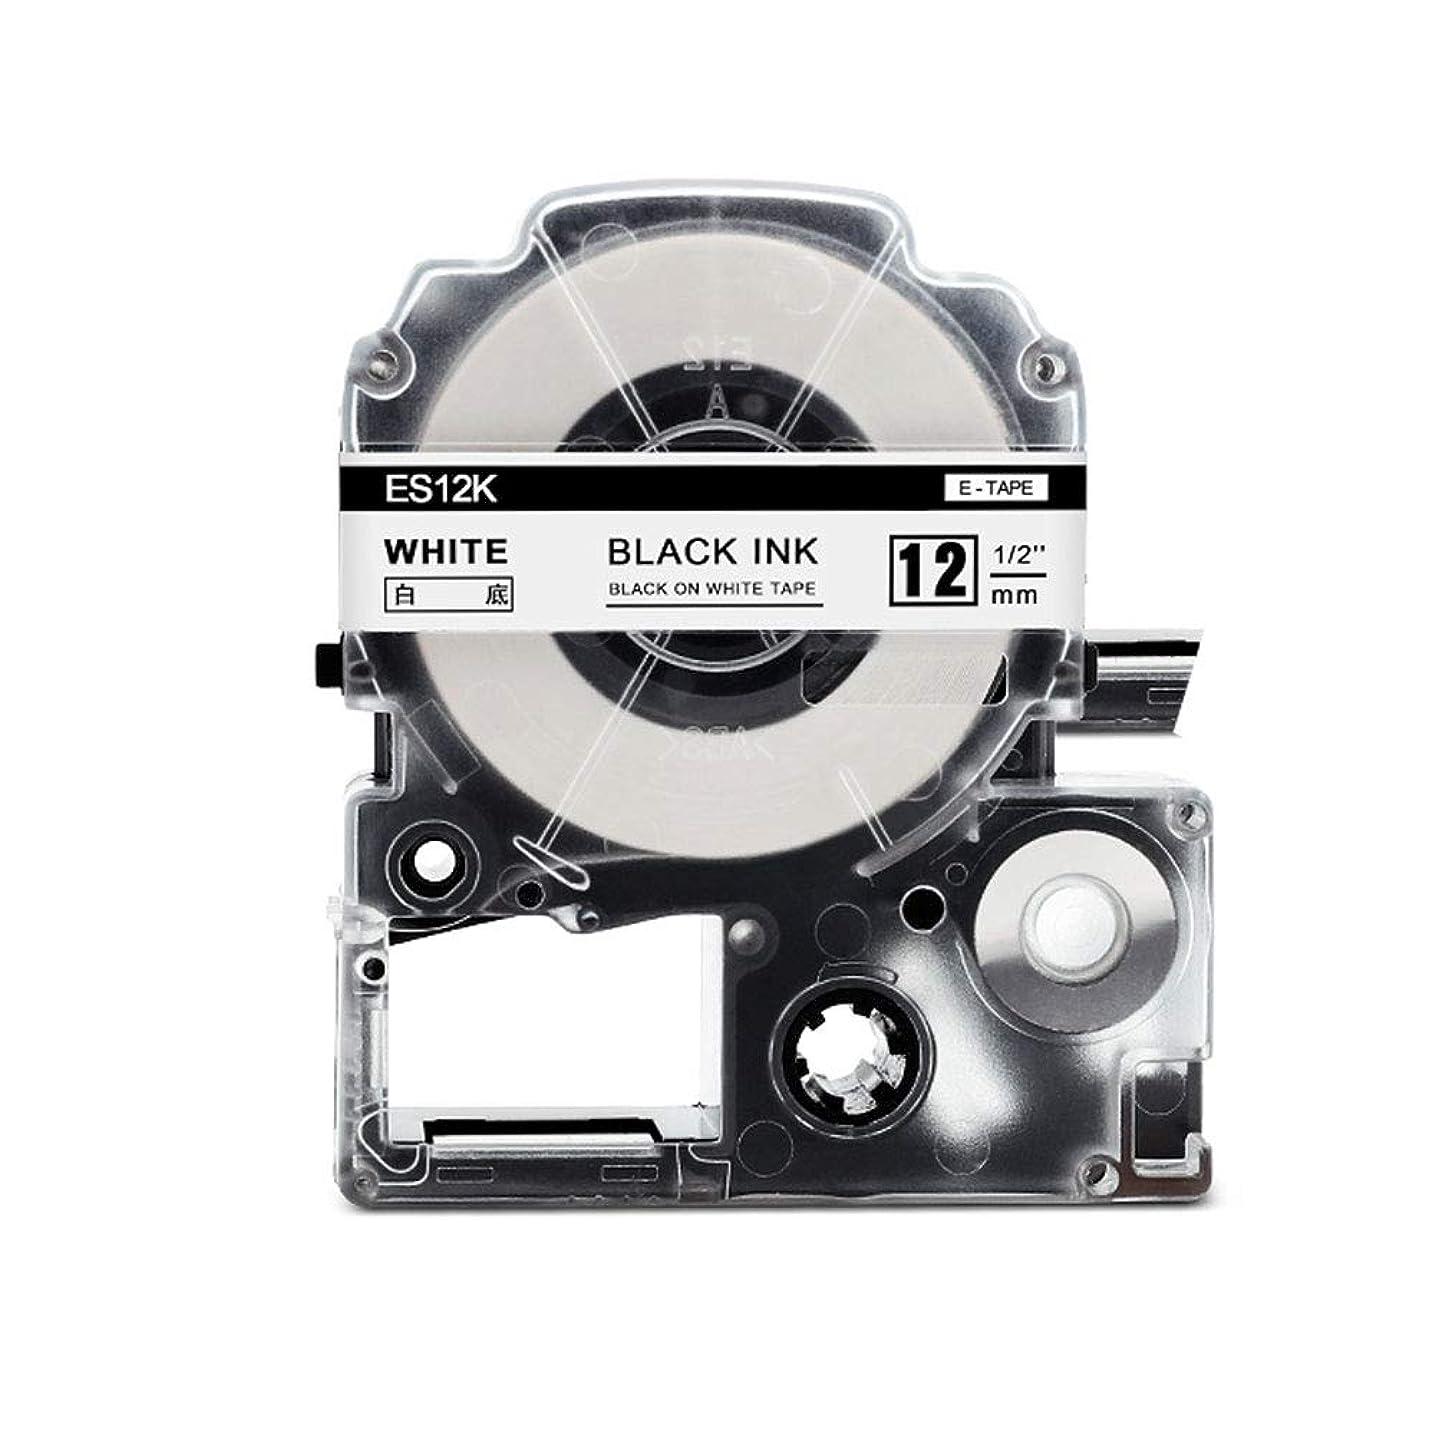 物理学者確認してください変化するブラザー工業 TZeテープ ラミネートテープ(黒地/白字) 12mm TZe-335